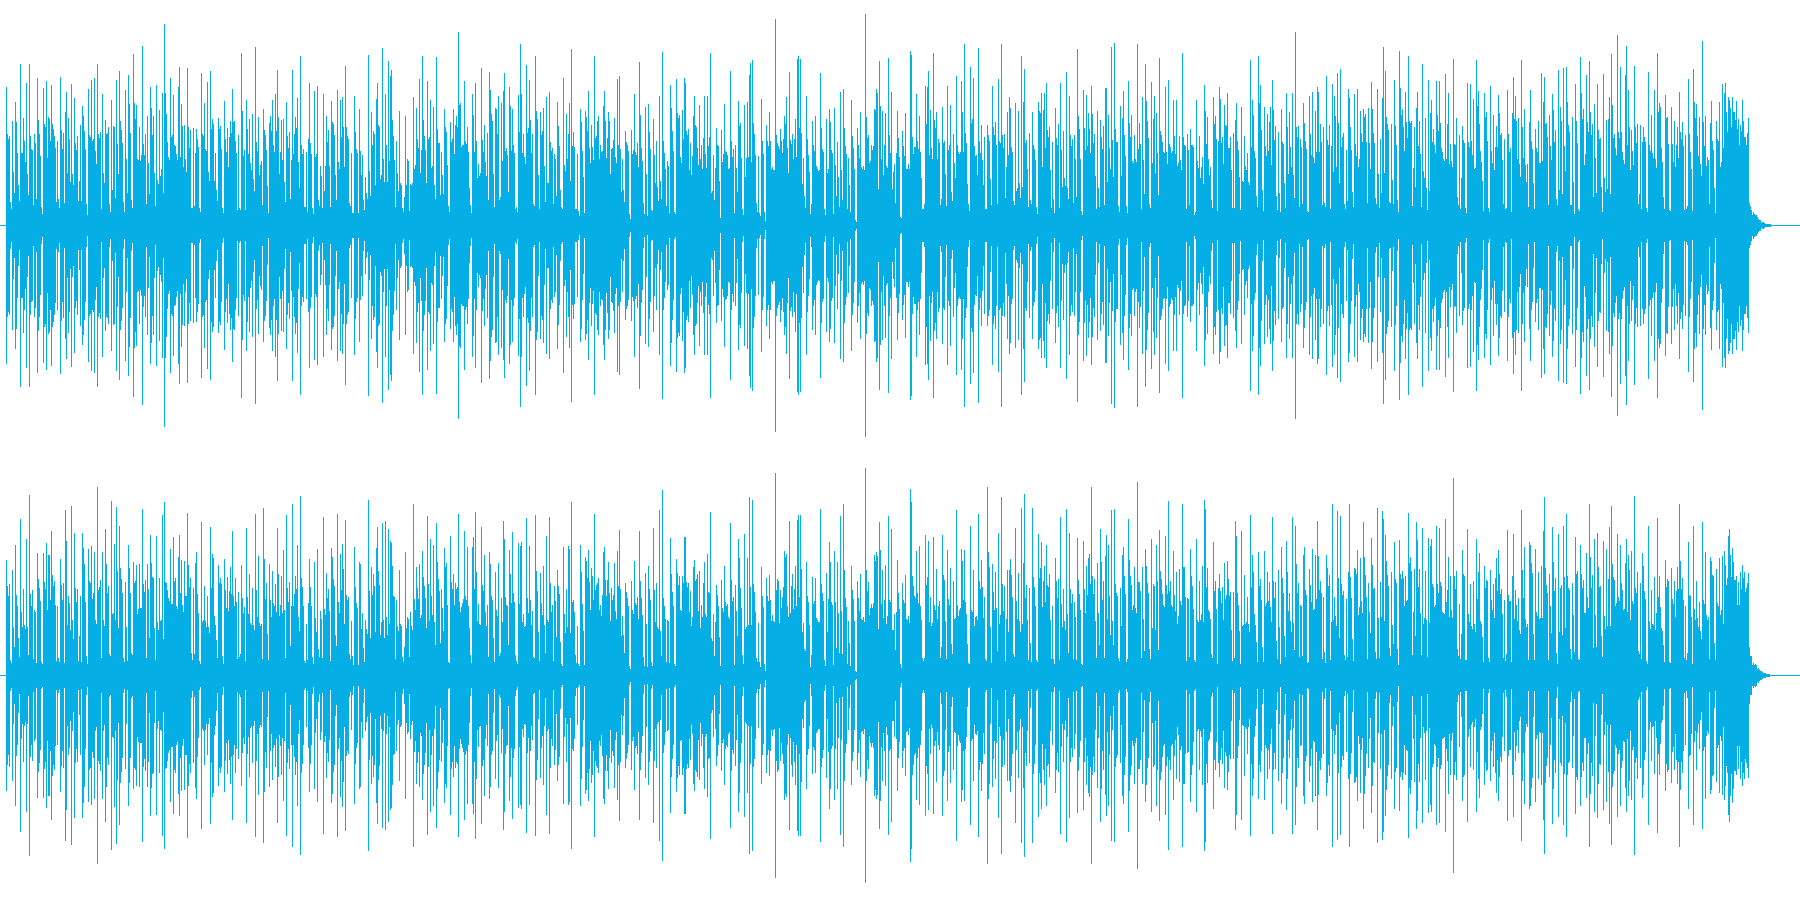 弾ける楽しさのあるミュージックの再生済みの波形